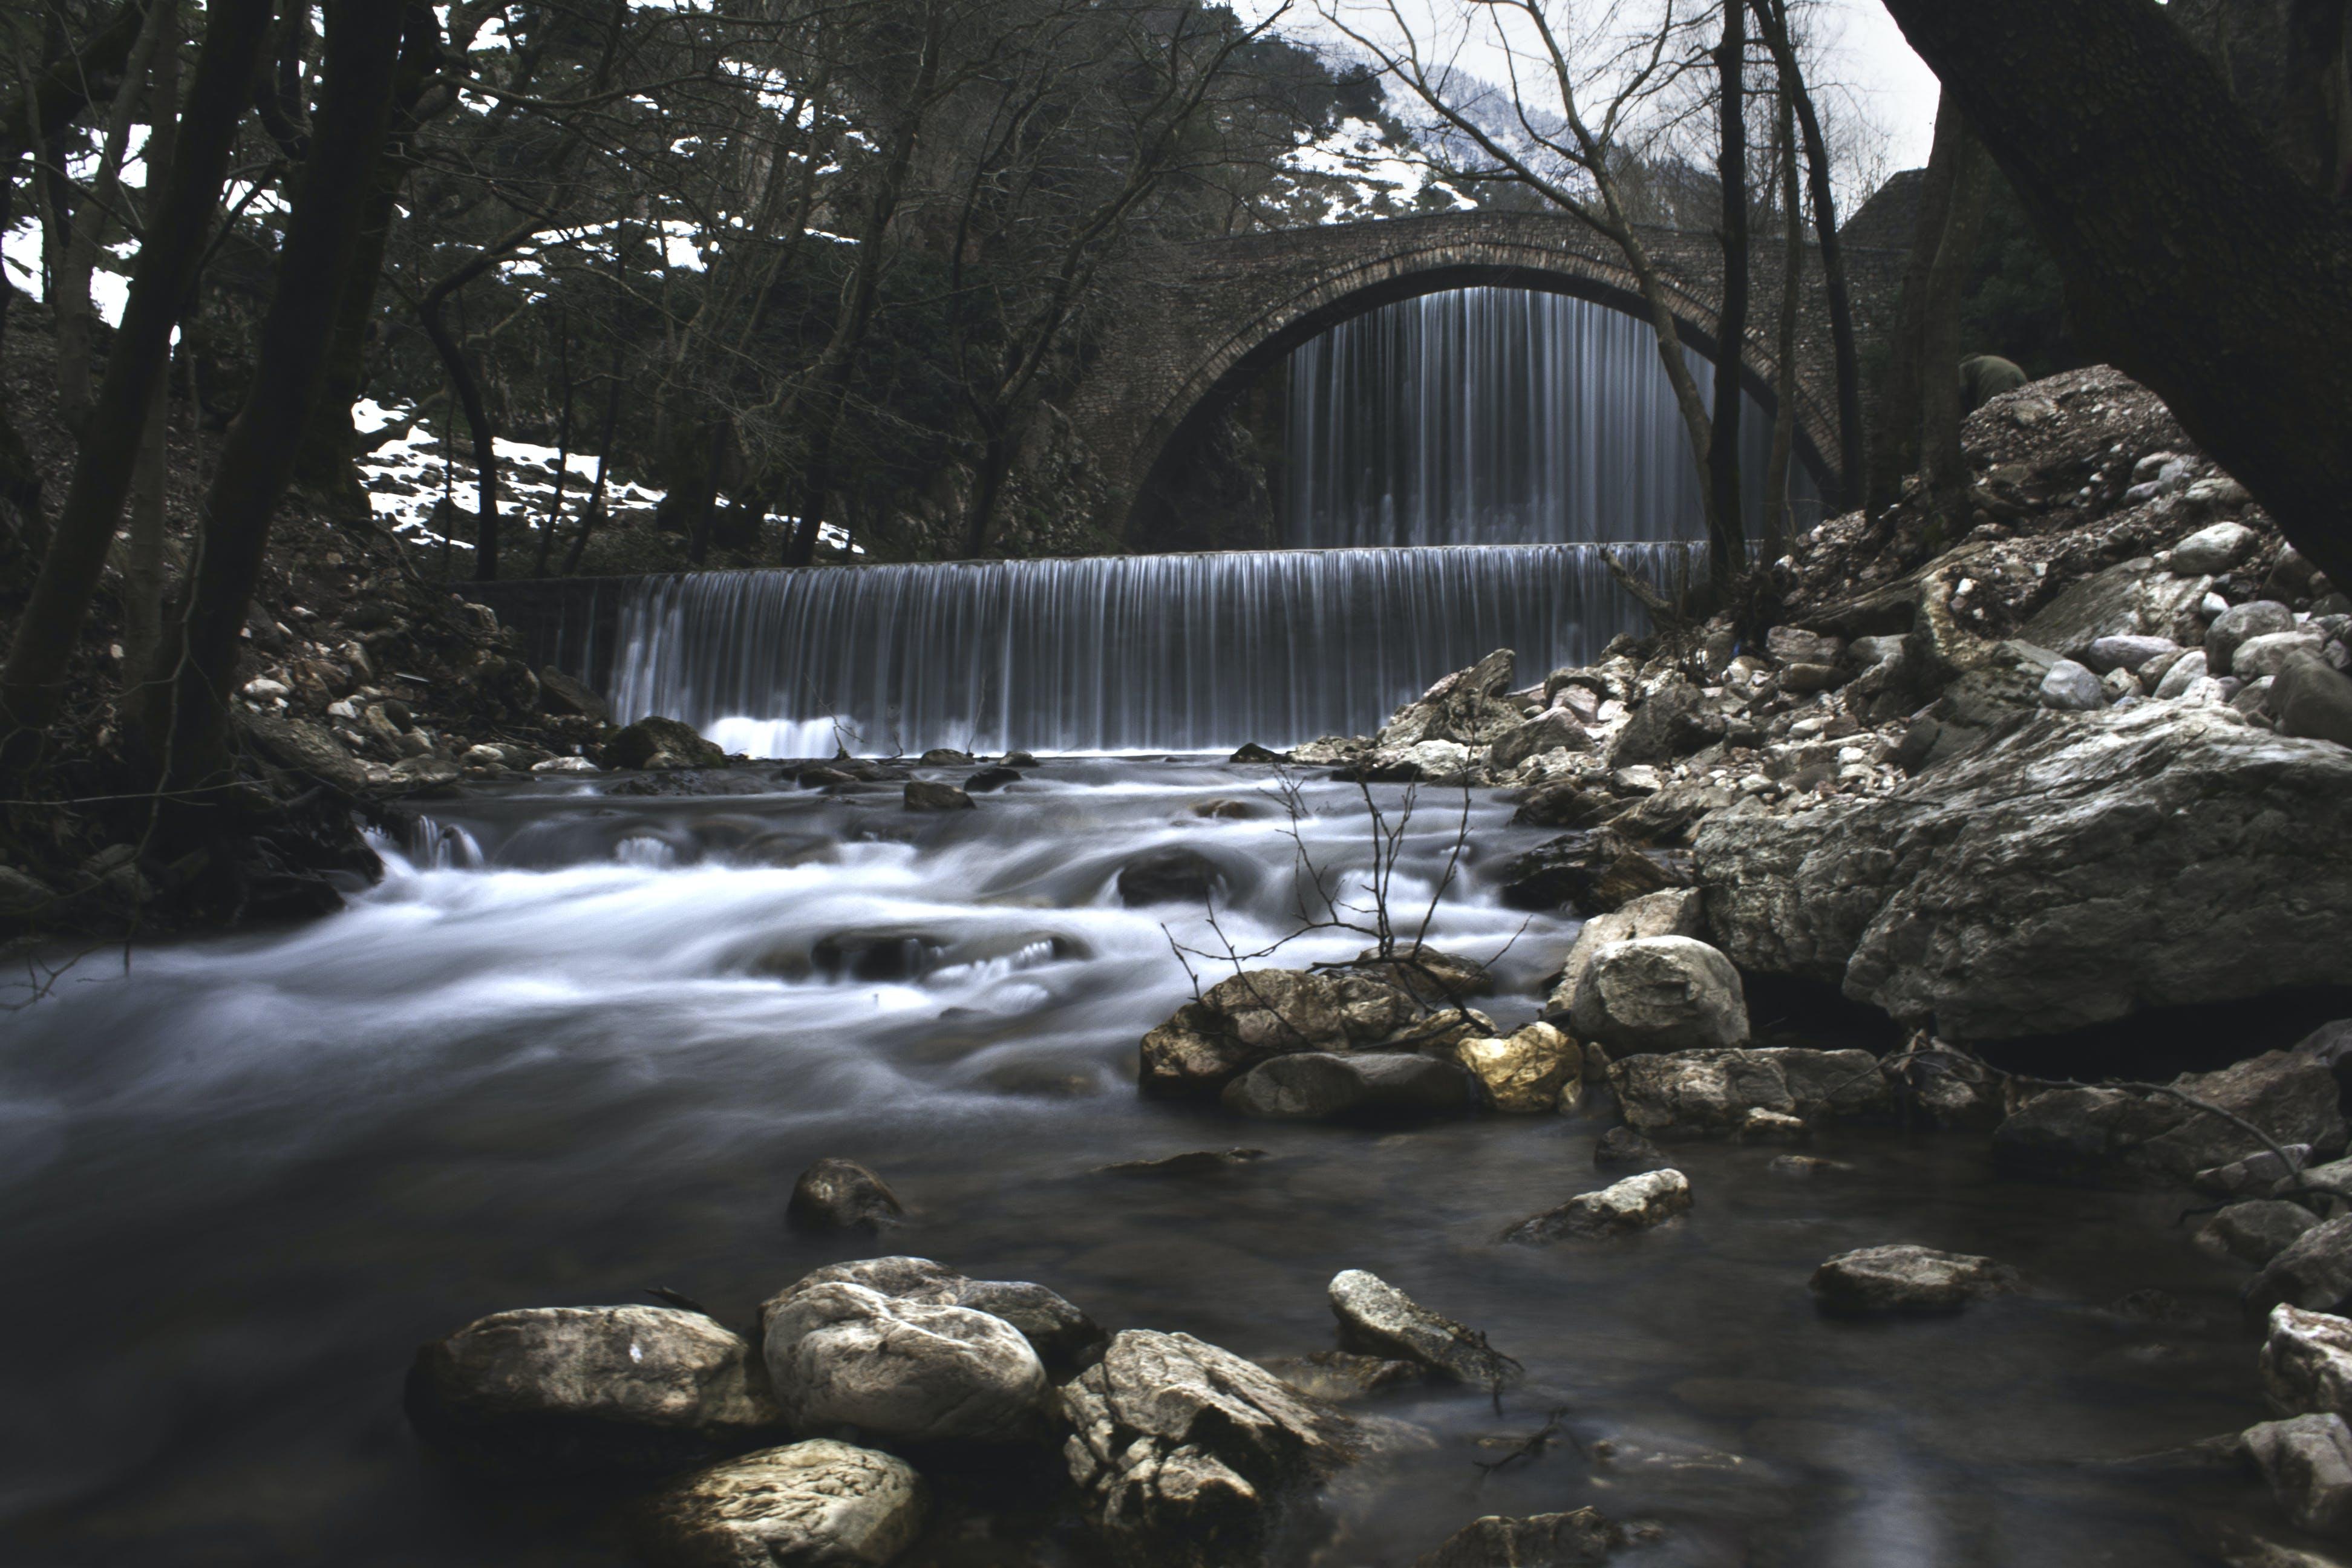 Immagine gratuita di acqua, alberi, ambiente, bagnato